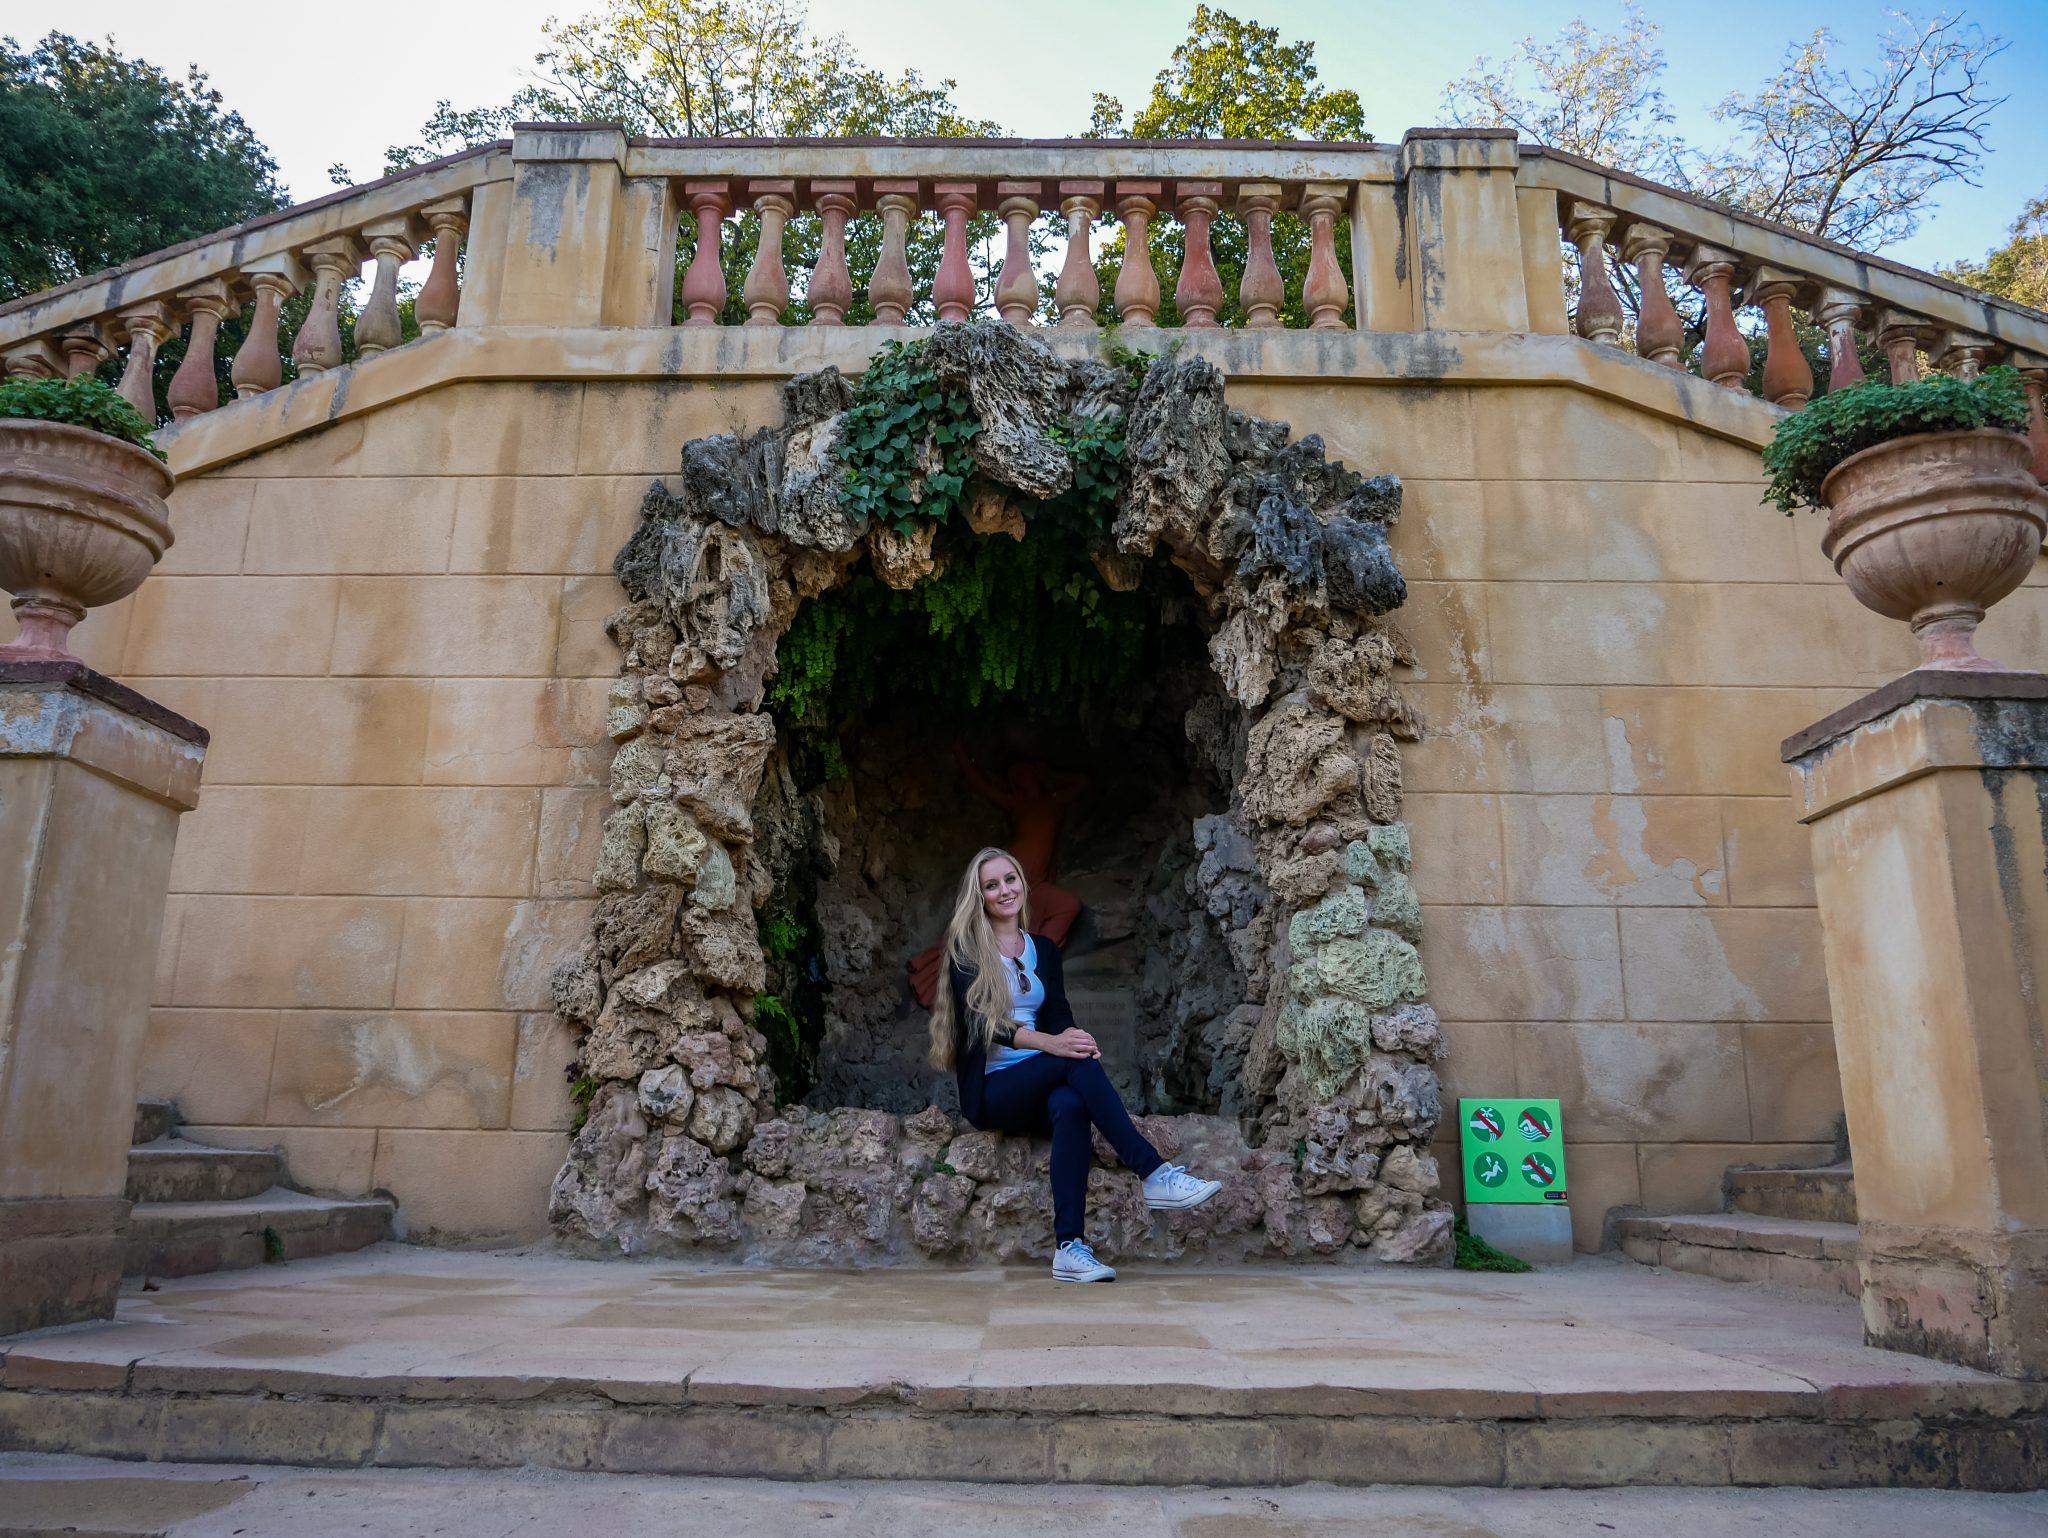 """Direkt am Haupteingang zum Labyrinth im Park """"Parc del Laberint d´Horta"""" befindet sich dieses schöne Kunstwerk."""